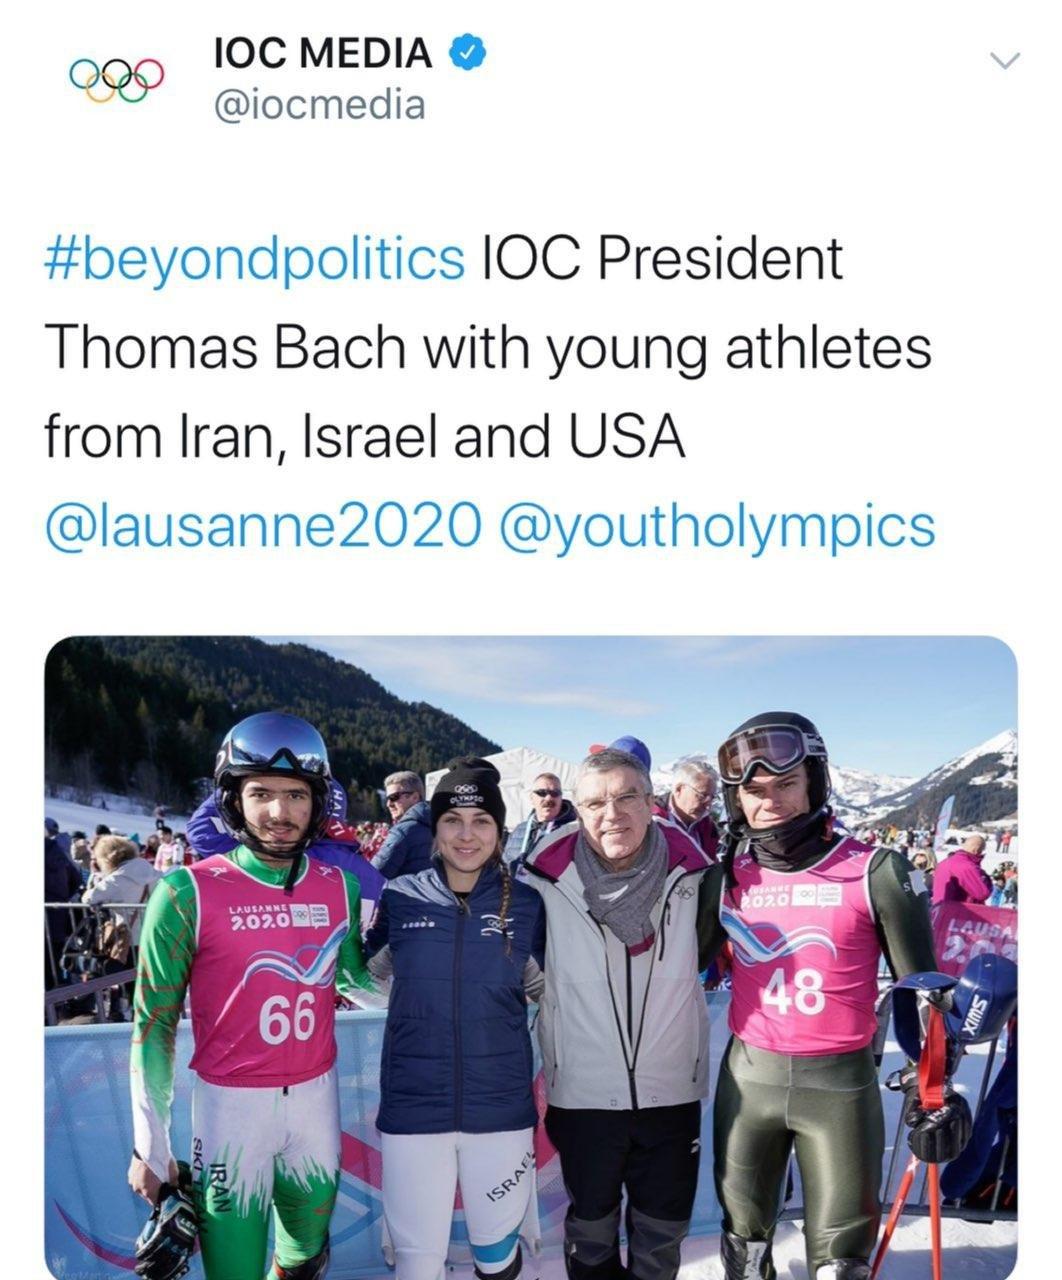 عکس جنجالی رییس IOC؛ ورزشکار ایرانی و اسراییلی کنارهم!